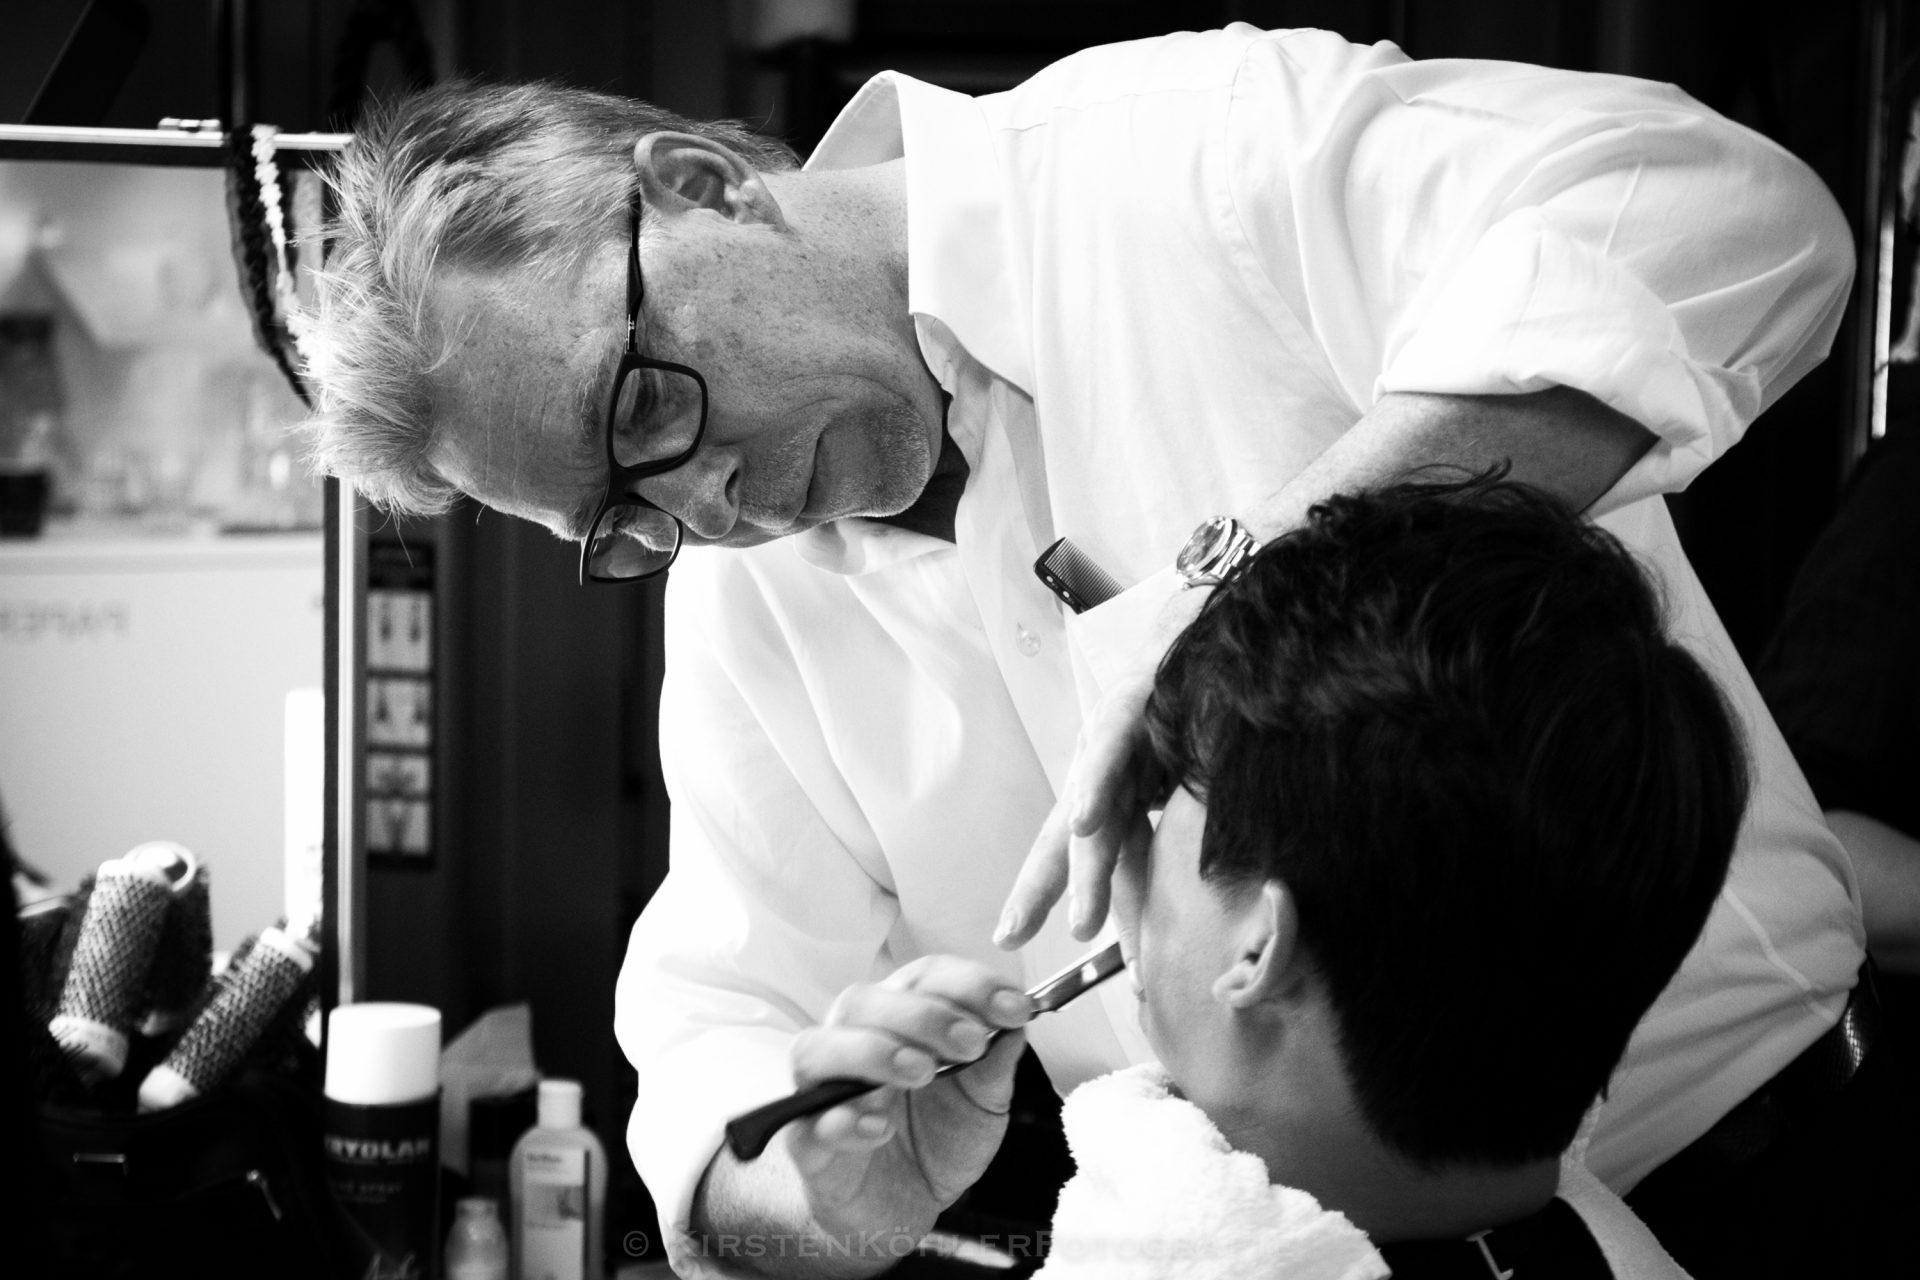 Olaf Köhler Hairstylist